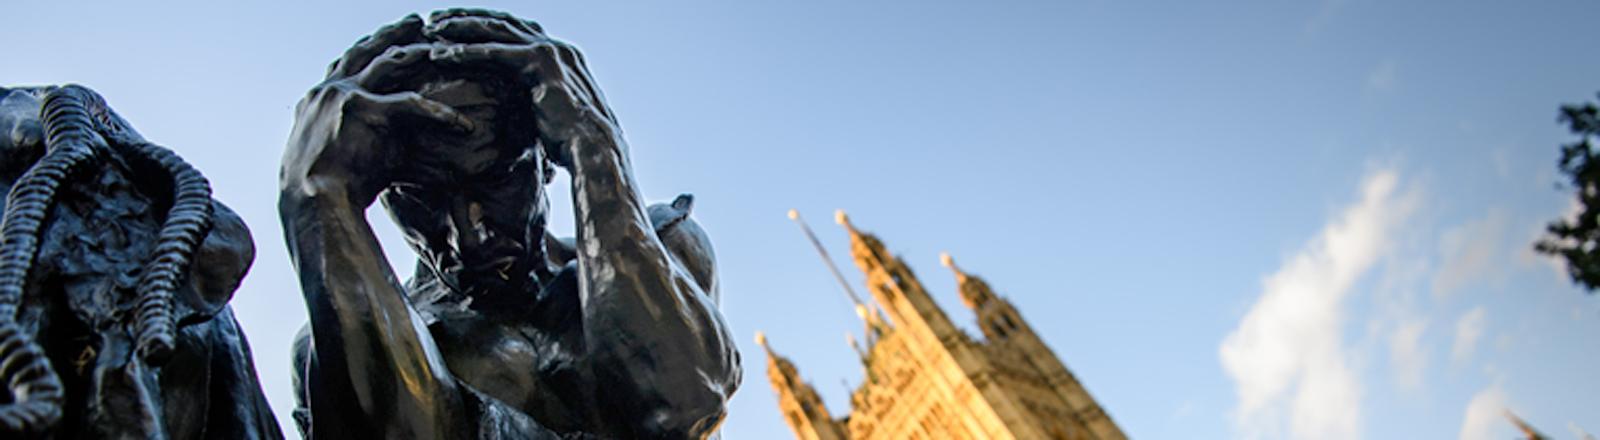 Der Palast von Westminster, davor Statuen von Rodin, die Sorge und Verzweiflung darstellen